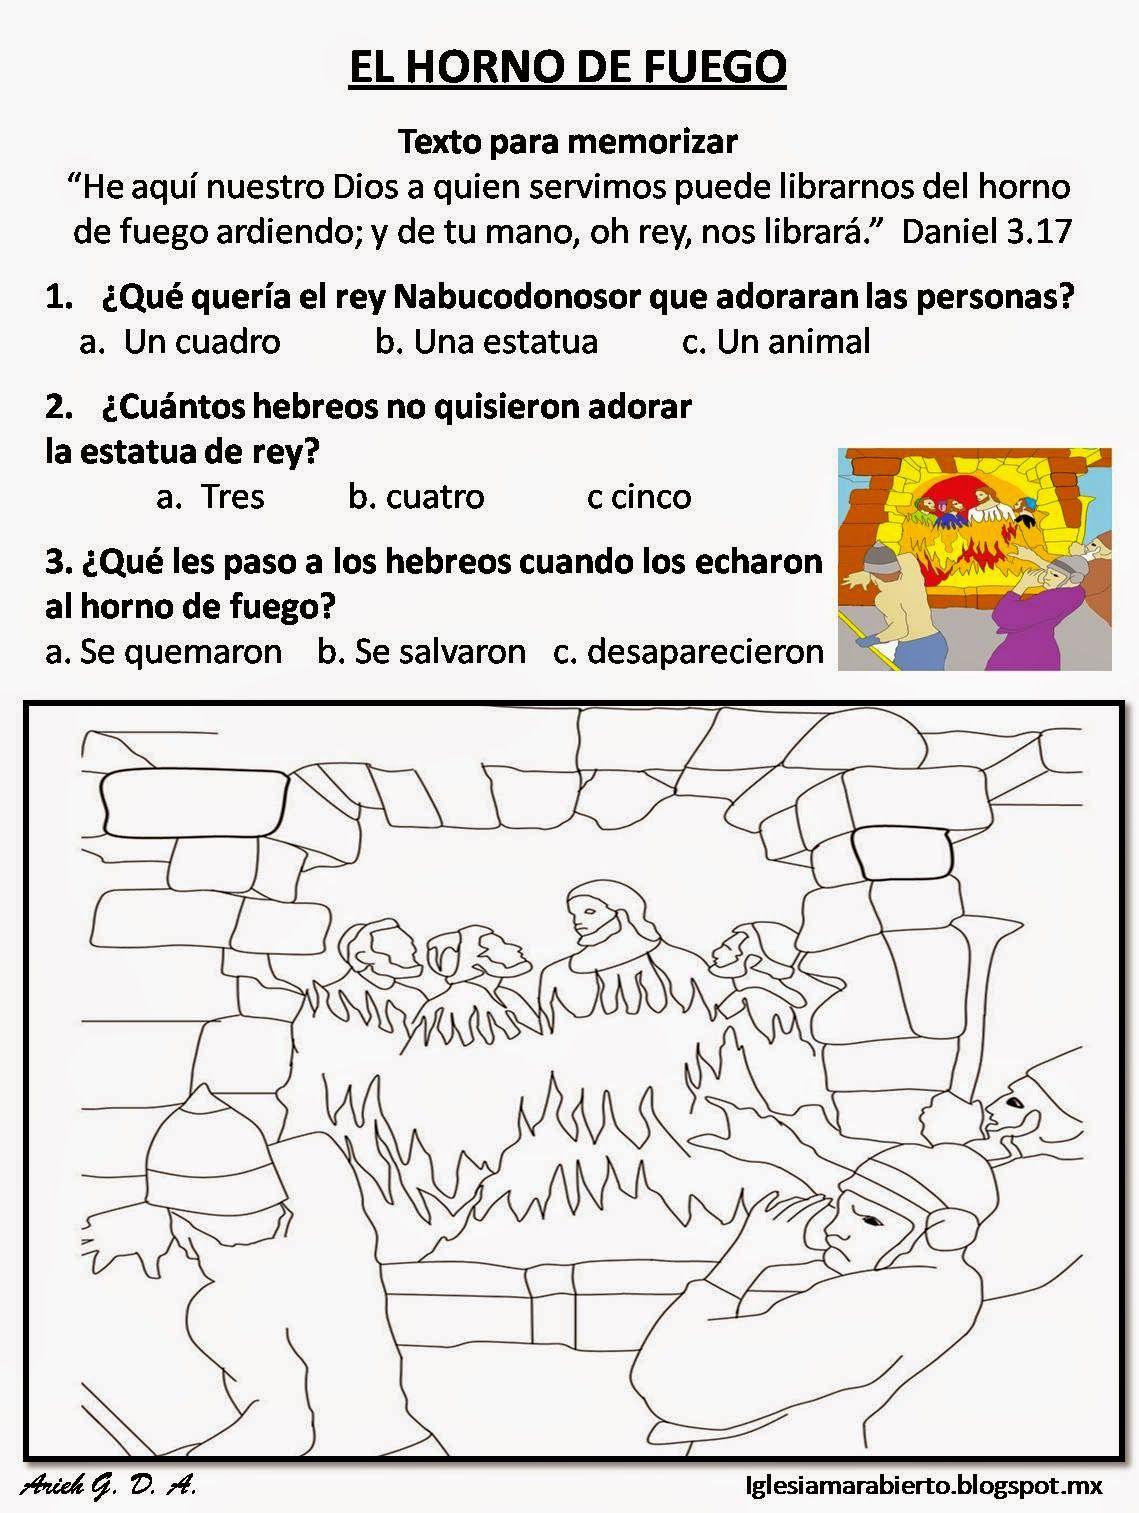 clases biblicas para ninos cristianos | IGLESIA MAR ABIERTO: Clase ...